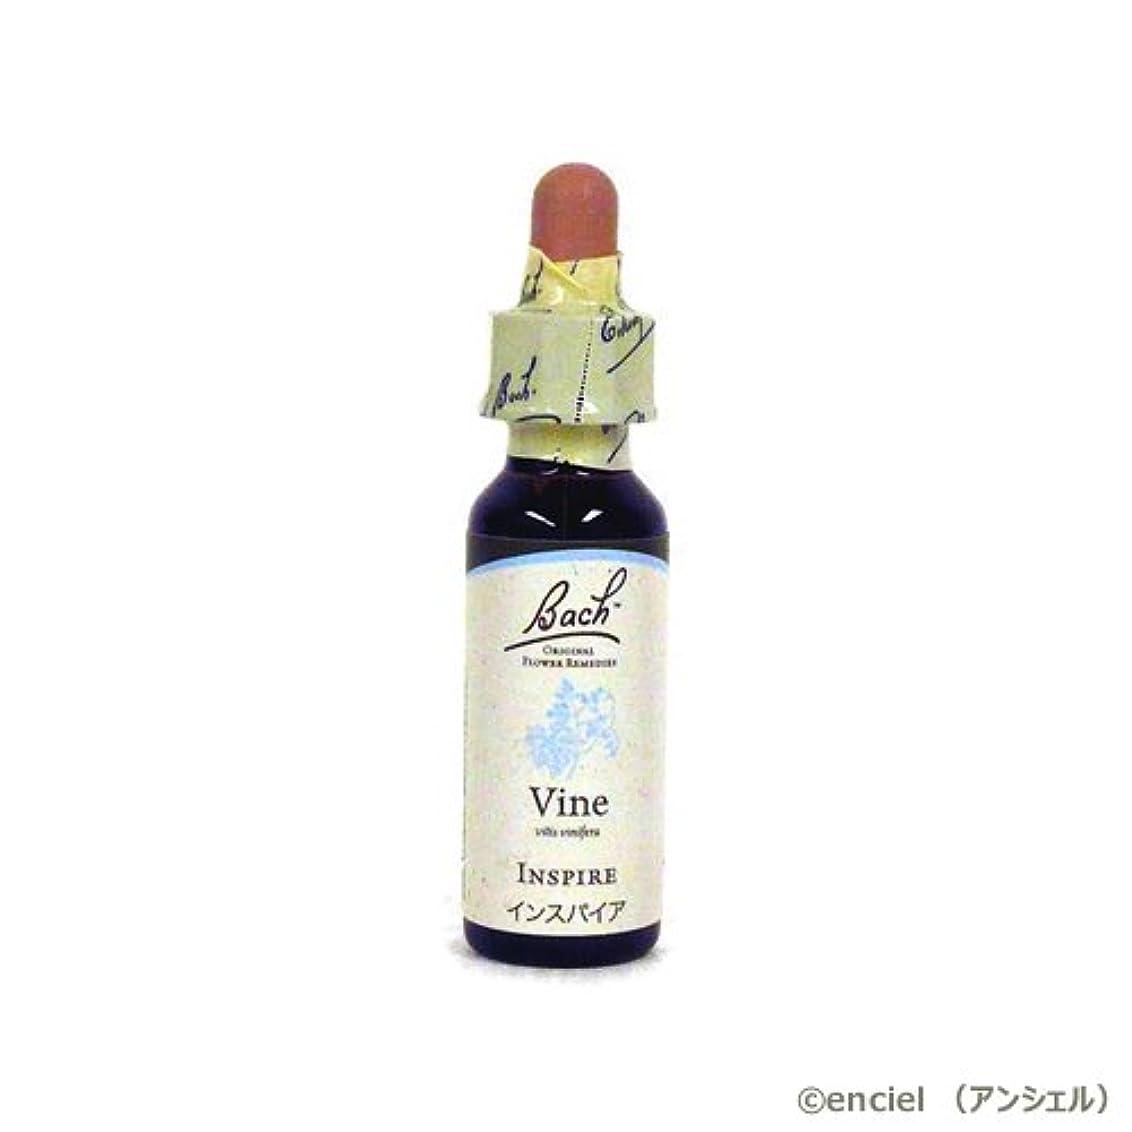 愛情深い美容師改革バッチフラワー レメディ バイン(VINE) 10ml グリセリンタイプ 日本国内正規品